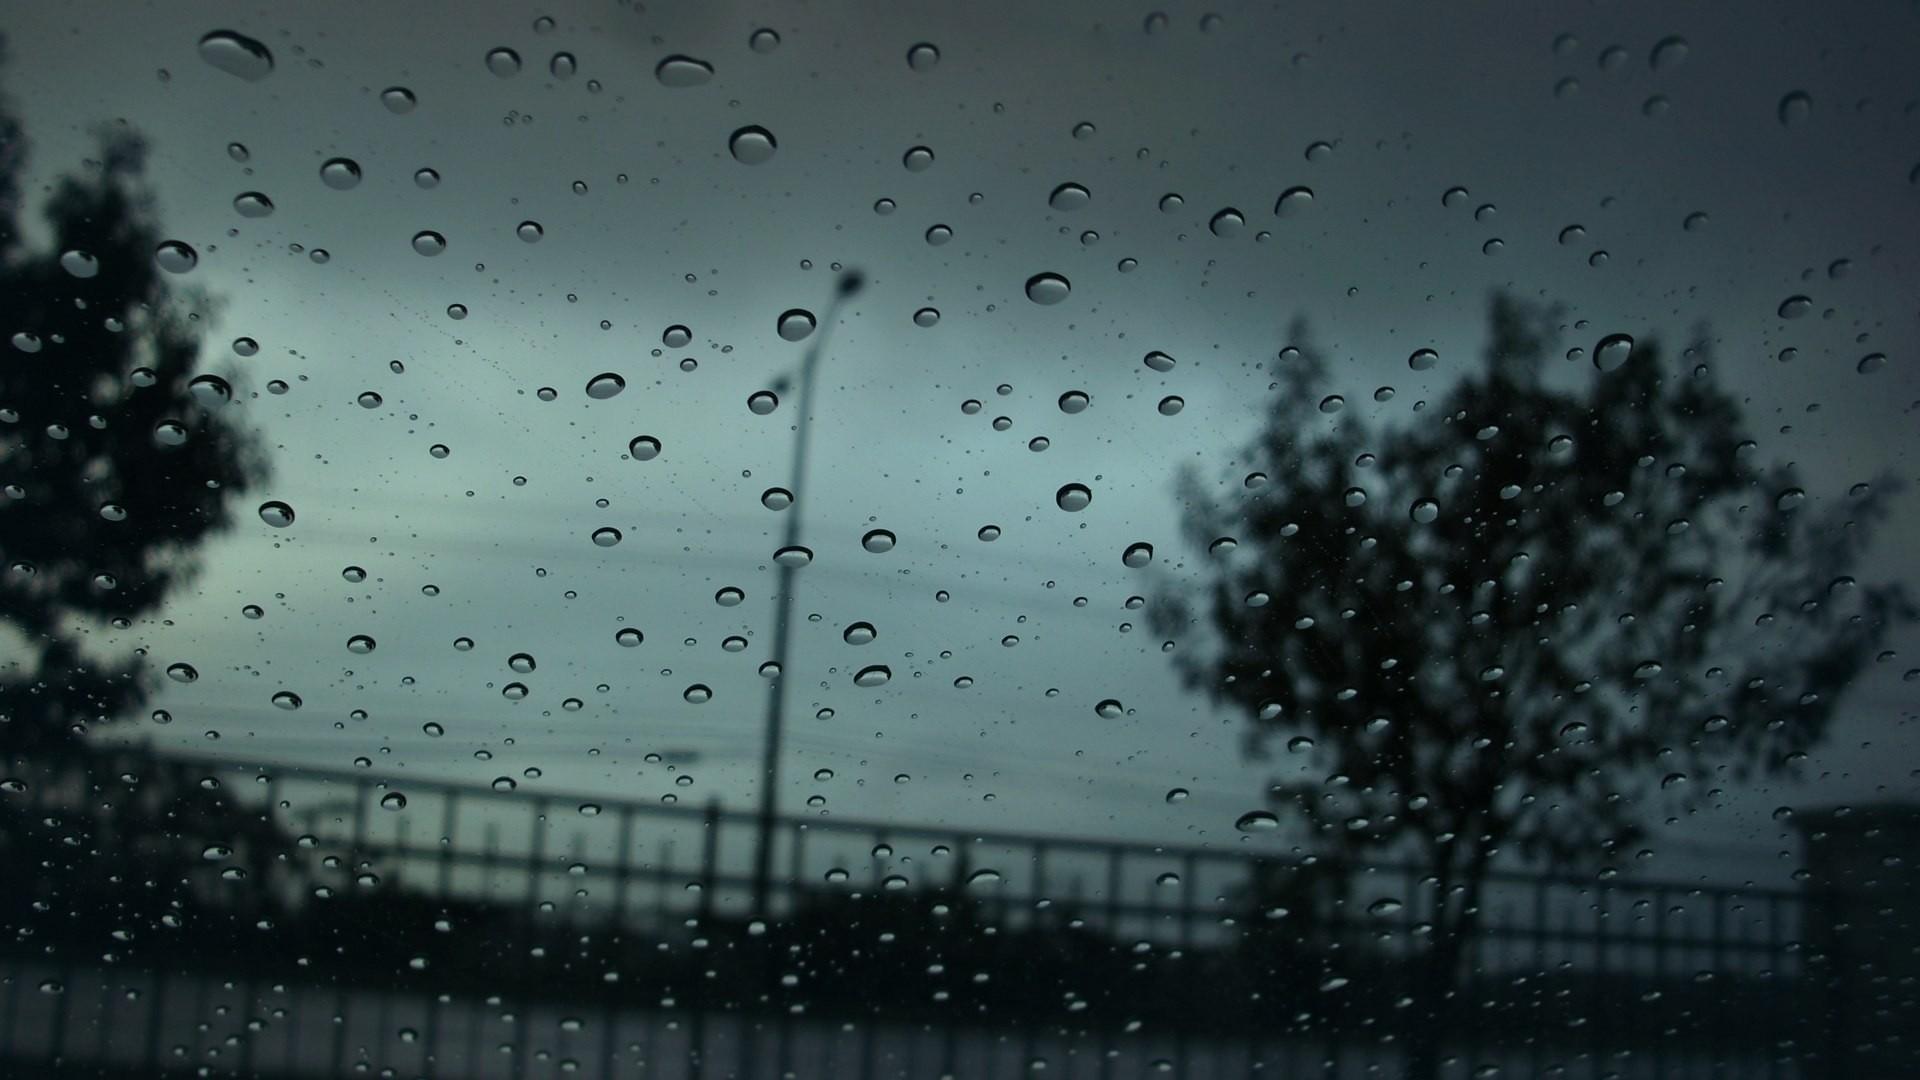 рецепт фото рабочего стола грусть дождь умение детей доводить